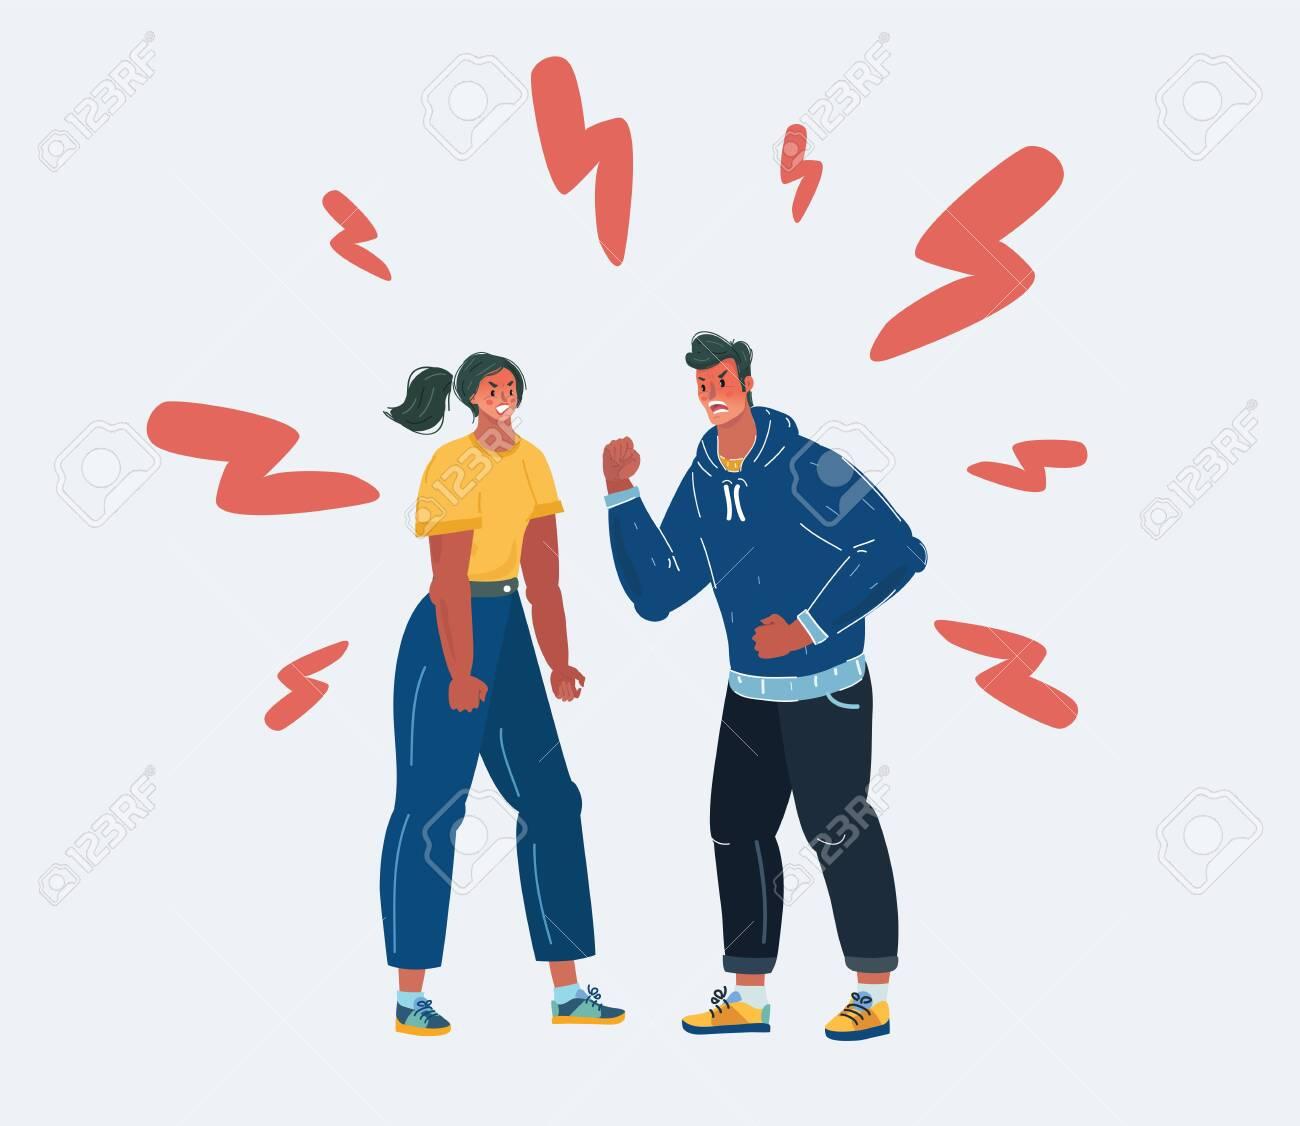 Hướng dẫn người thân đang ở tuổi dậy thì phải làm gì với cảm xúc thất thường, suy nghĩ/thái độ về hình thể của chính mình